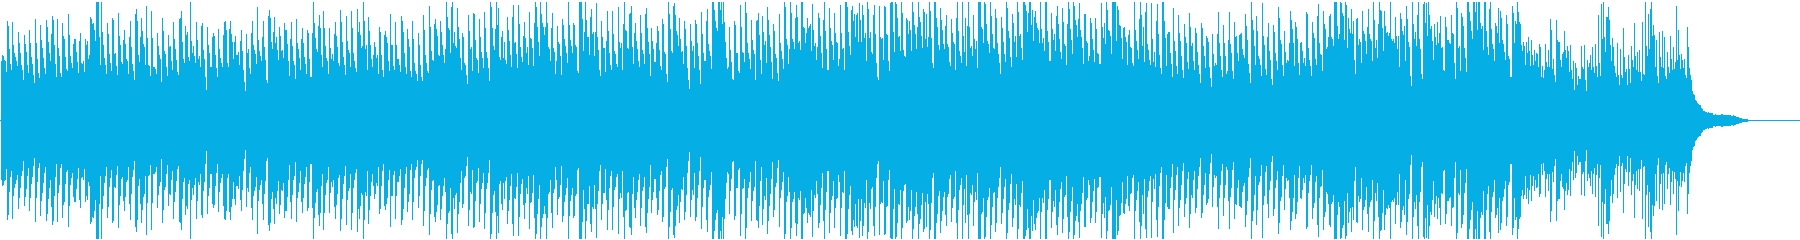 ピアノで優しく力強くの再生済みの波形